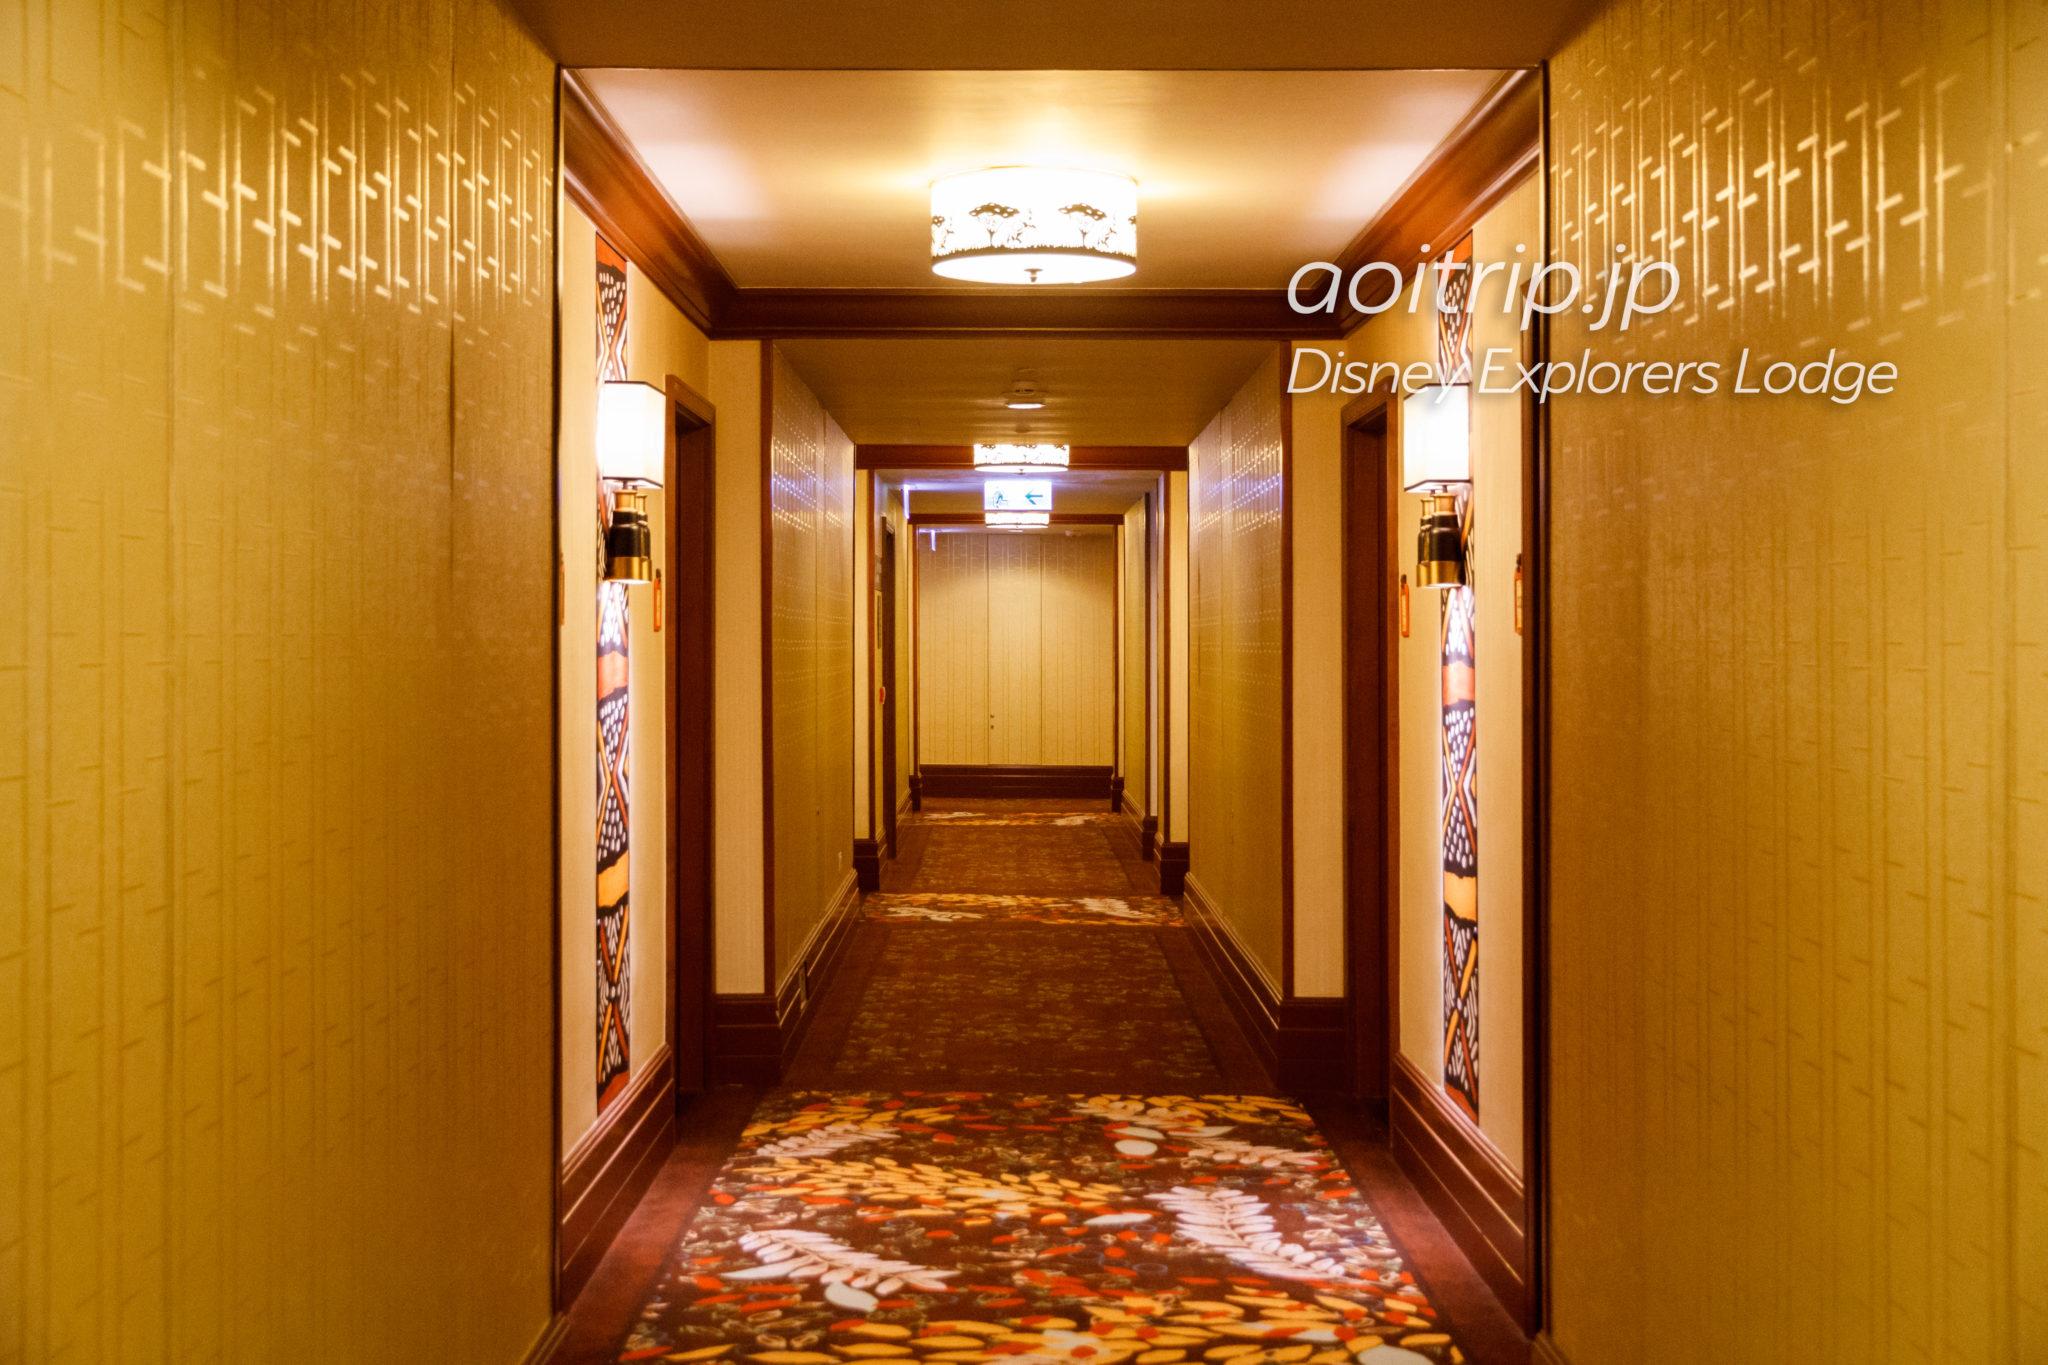 ディズニーエクスプローラーズロッジの内廊下